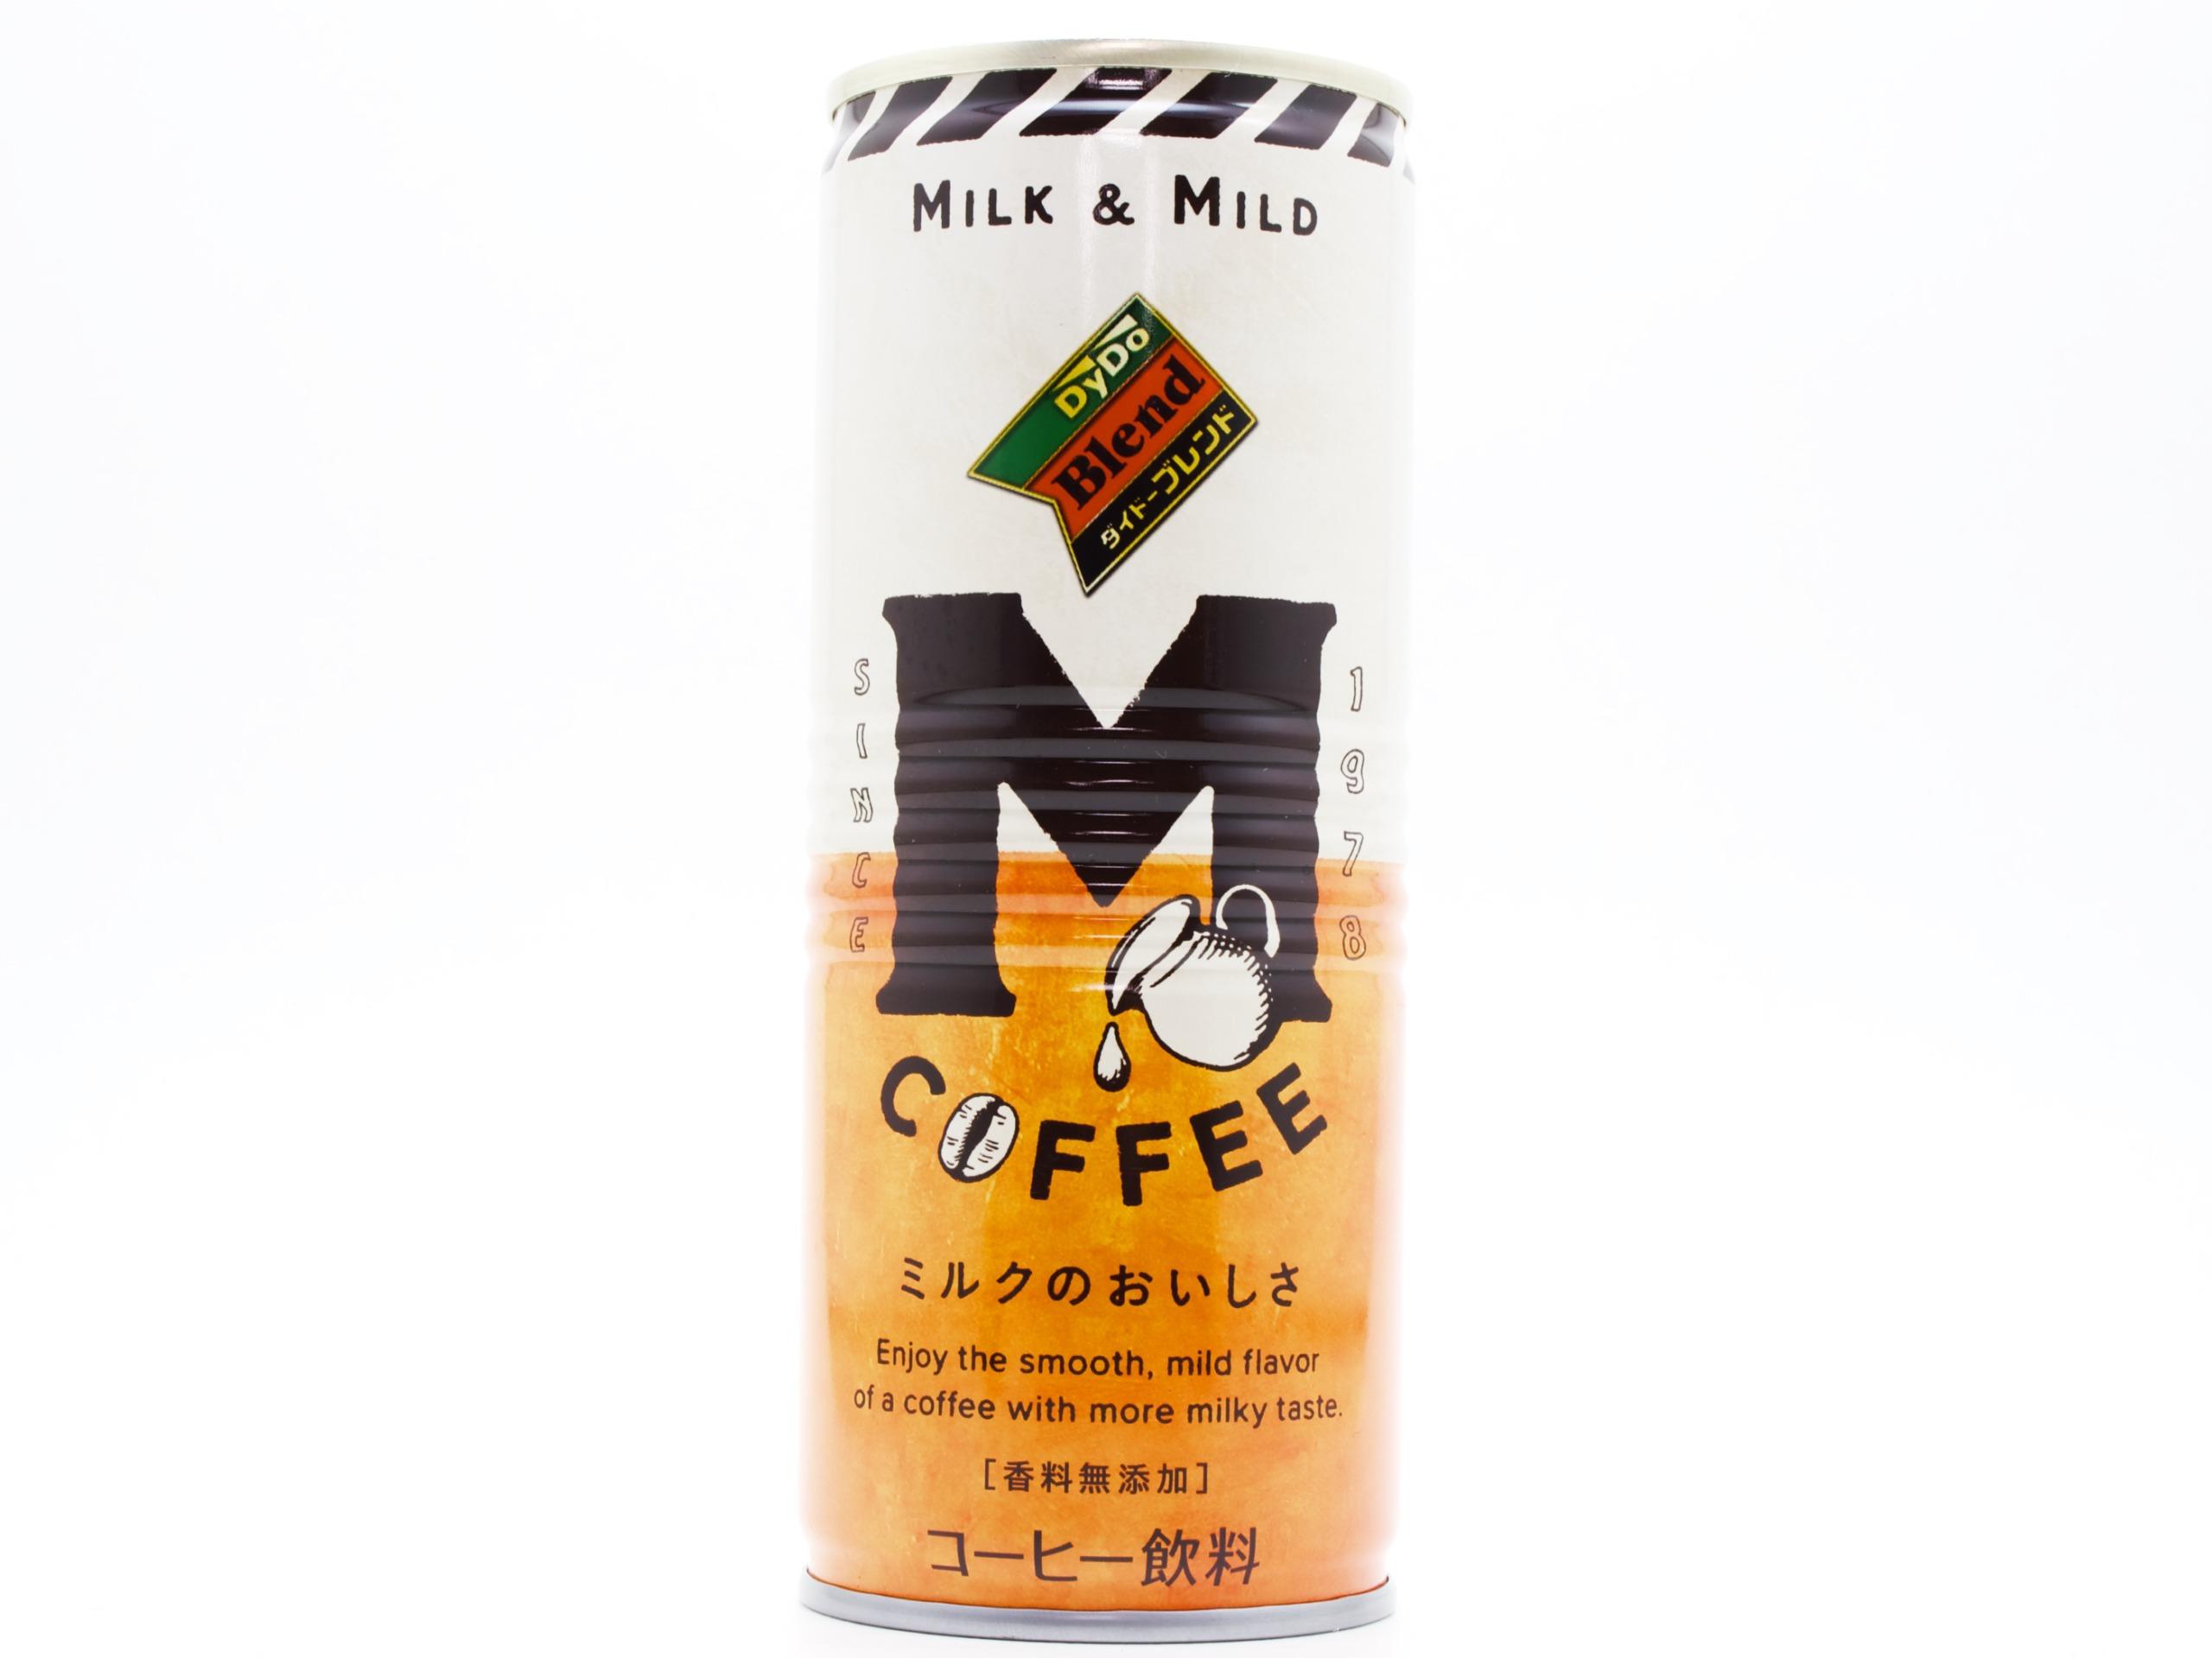 ダイドードリンコ ダイドーブレンド Mコーヒー